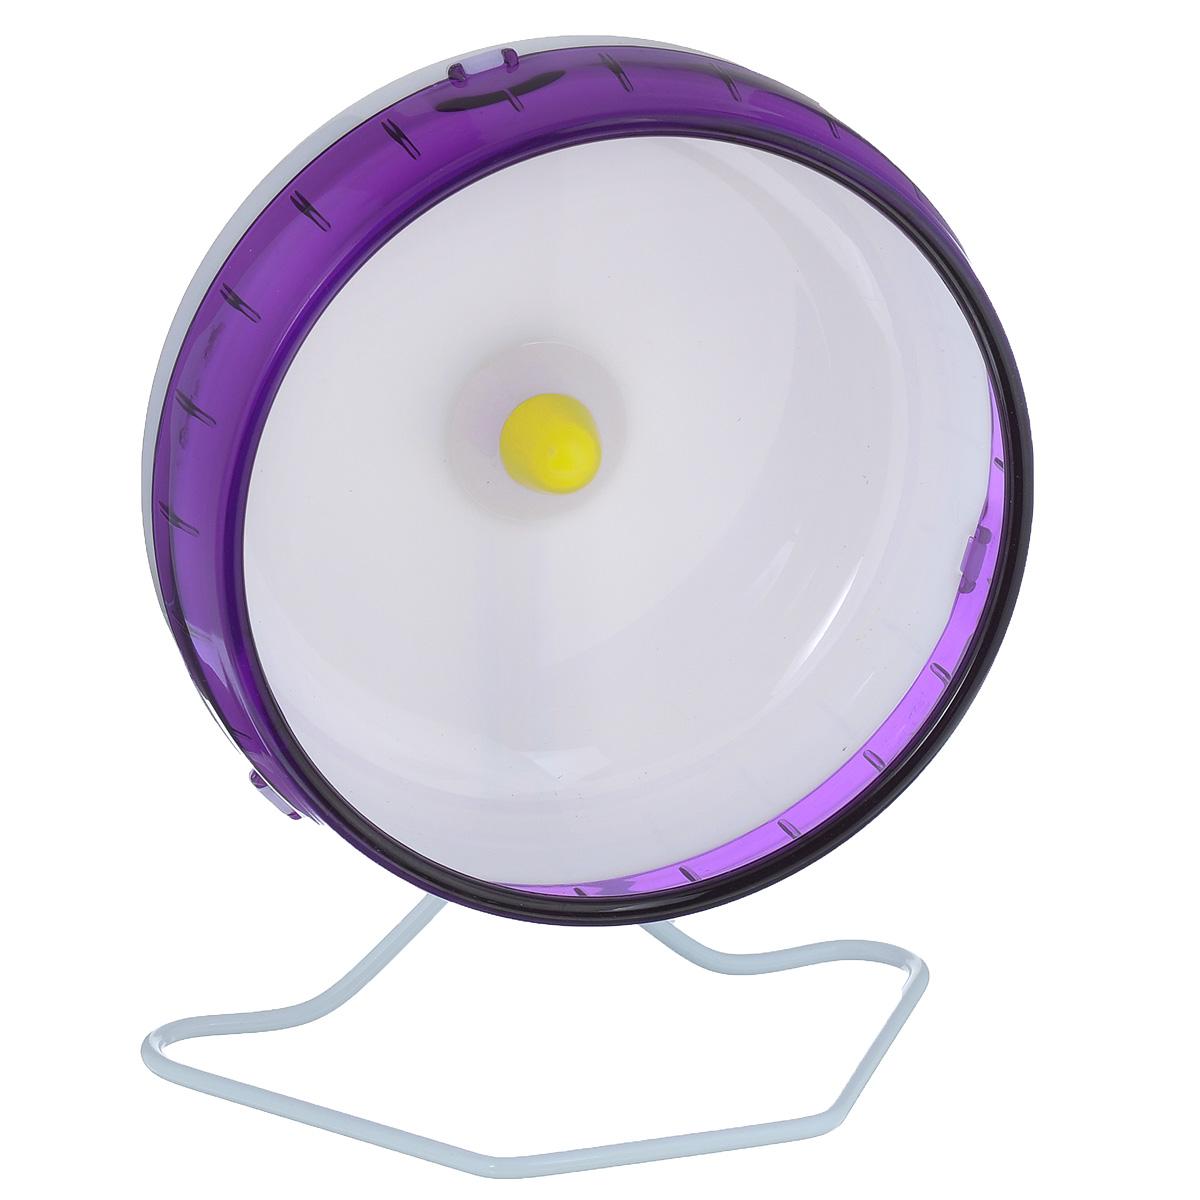 Колесо для грызунов I.P.T.S., цвет: белый, фиолетовый, диаметр 16,5 см0120710Колесо для грызунов I.P.T.S., изготовленное из прочного пластика, абсолютно бесшумное. Для грызунов очень важно постоянно разминать свои лапки и поддерживать физической форму. Именно поэтому одним из самых востребованных дополнительных аксессуаров для них являются различные приспособления для бега. Тренировки на колесе станут питомцу в радость и не позволят набрать лишний вес. Предназначено для сирийских и карликовых хомяков, а также мышей. Диаметр колеса: 16,5 см.